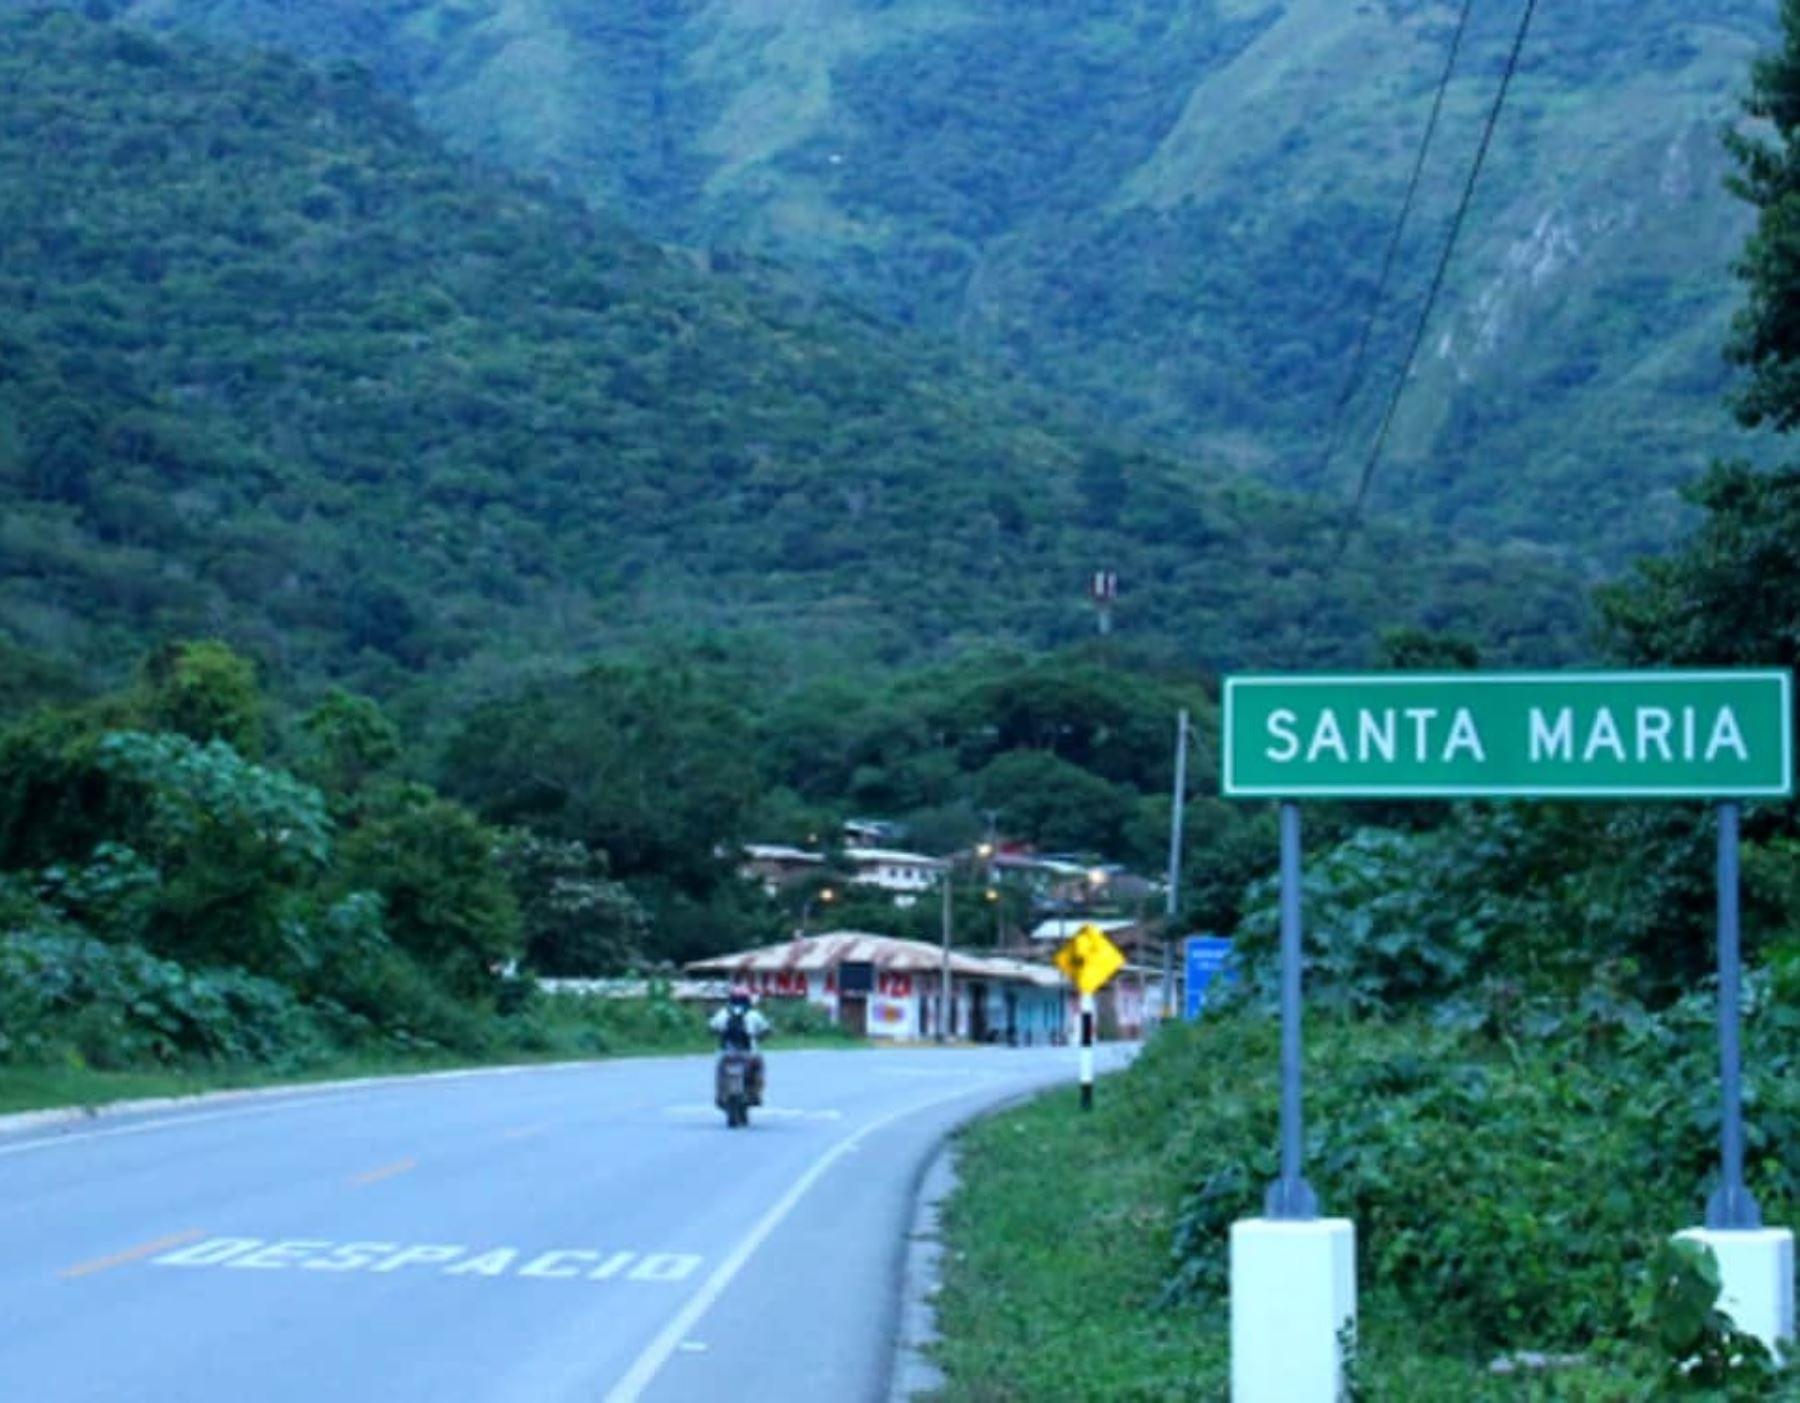 El MTC aseguró que se cumplen los plazos de licitación de la carretera Santa María-Santa Teresa-Hidroeléctrica Machu Picchu, en Cusco. ANDINA/Difusión